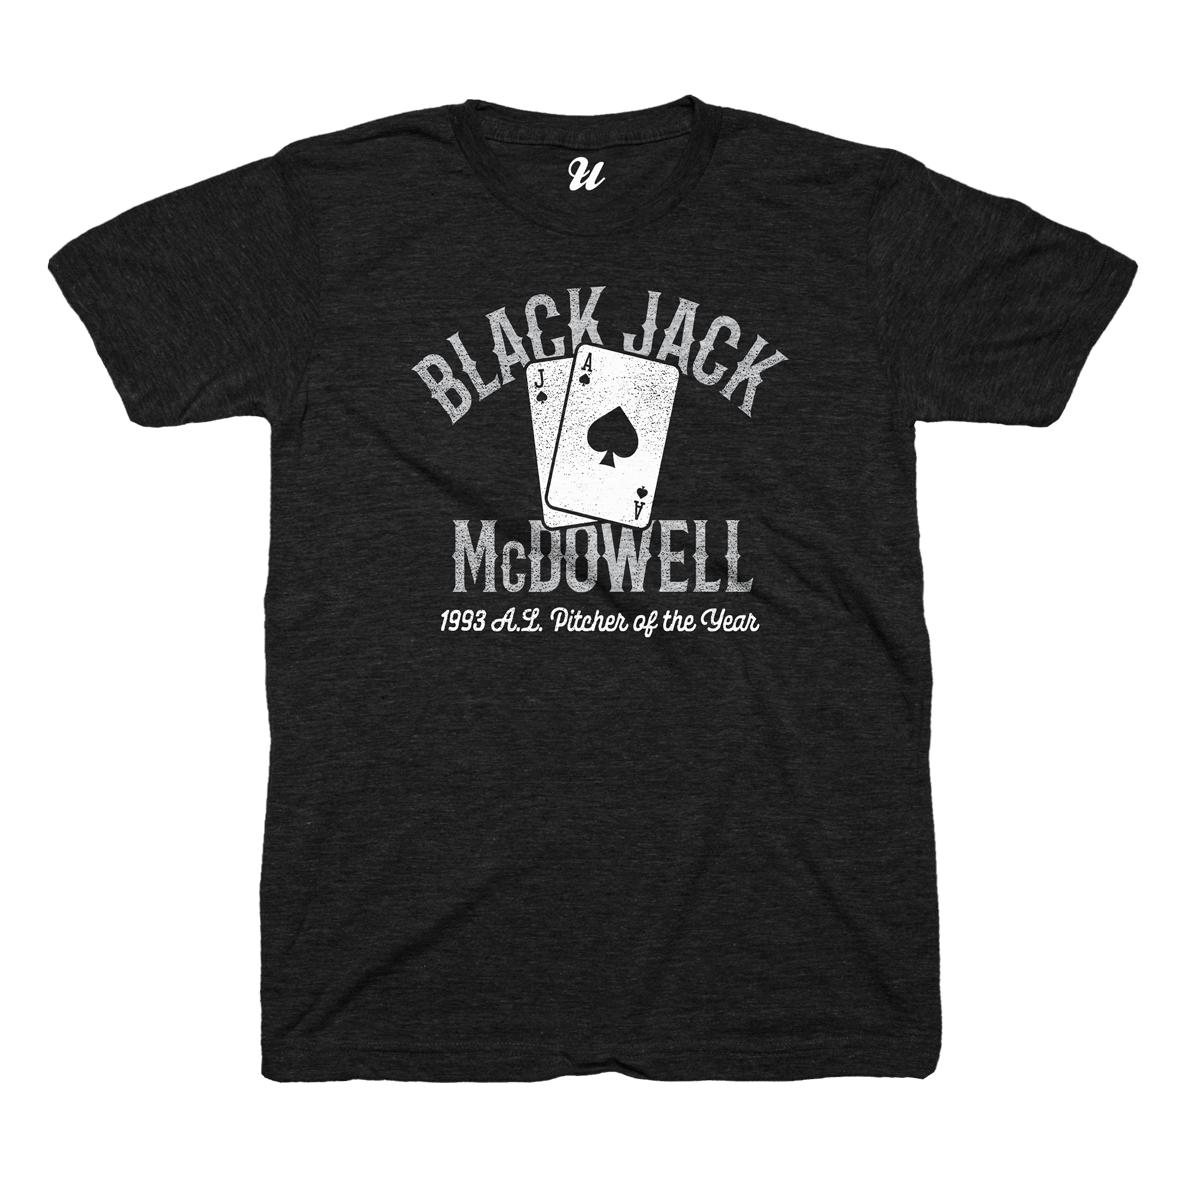 Black jack mcdowell